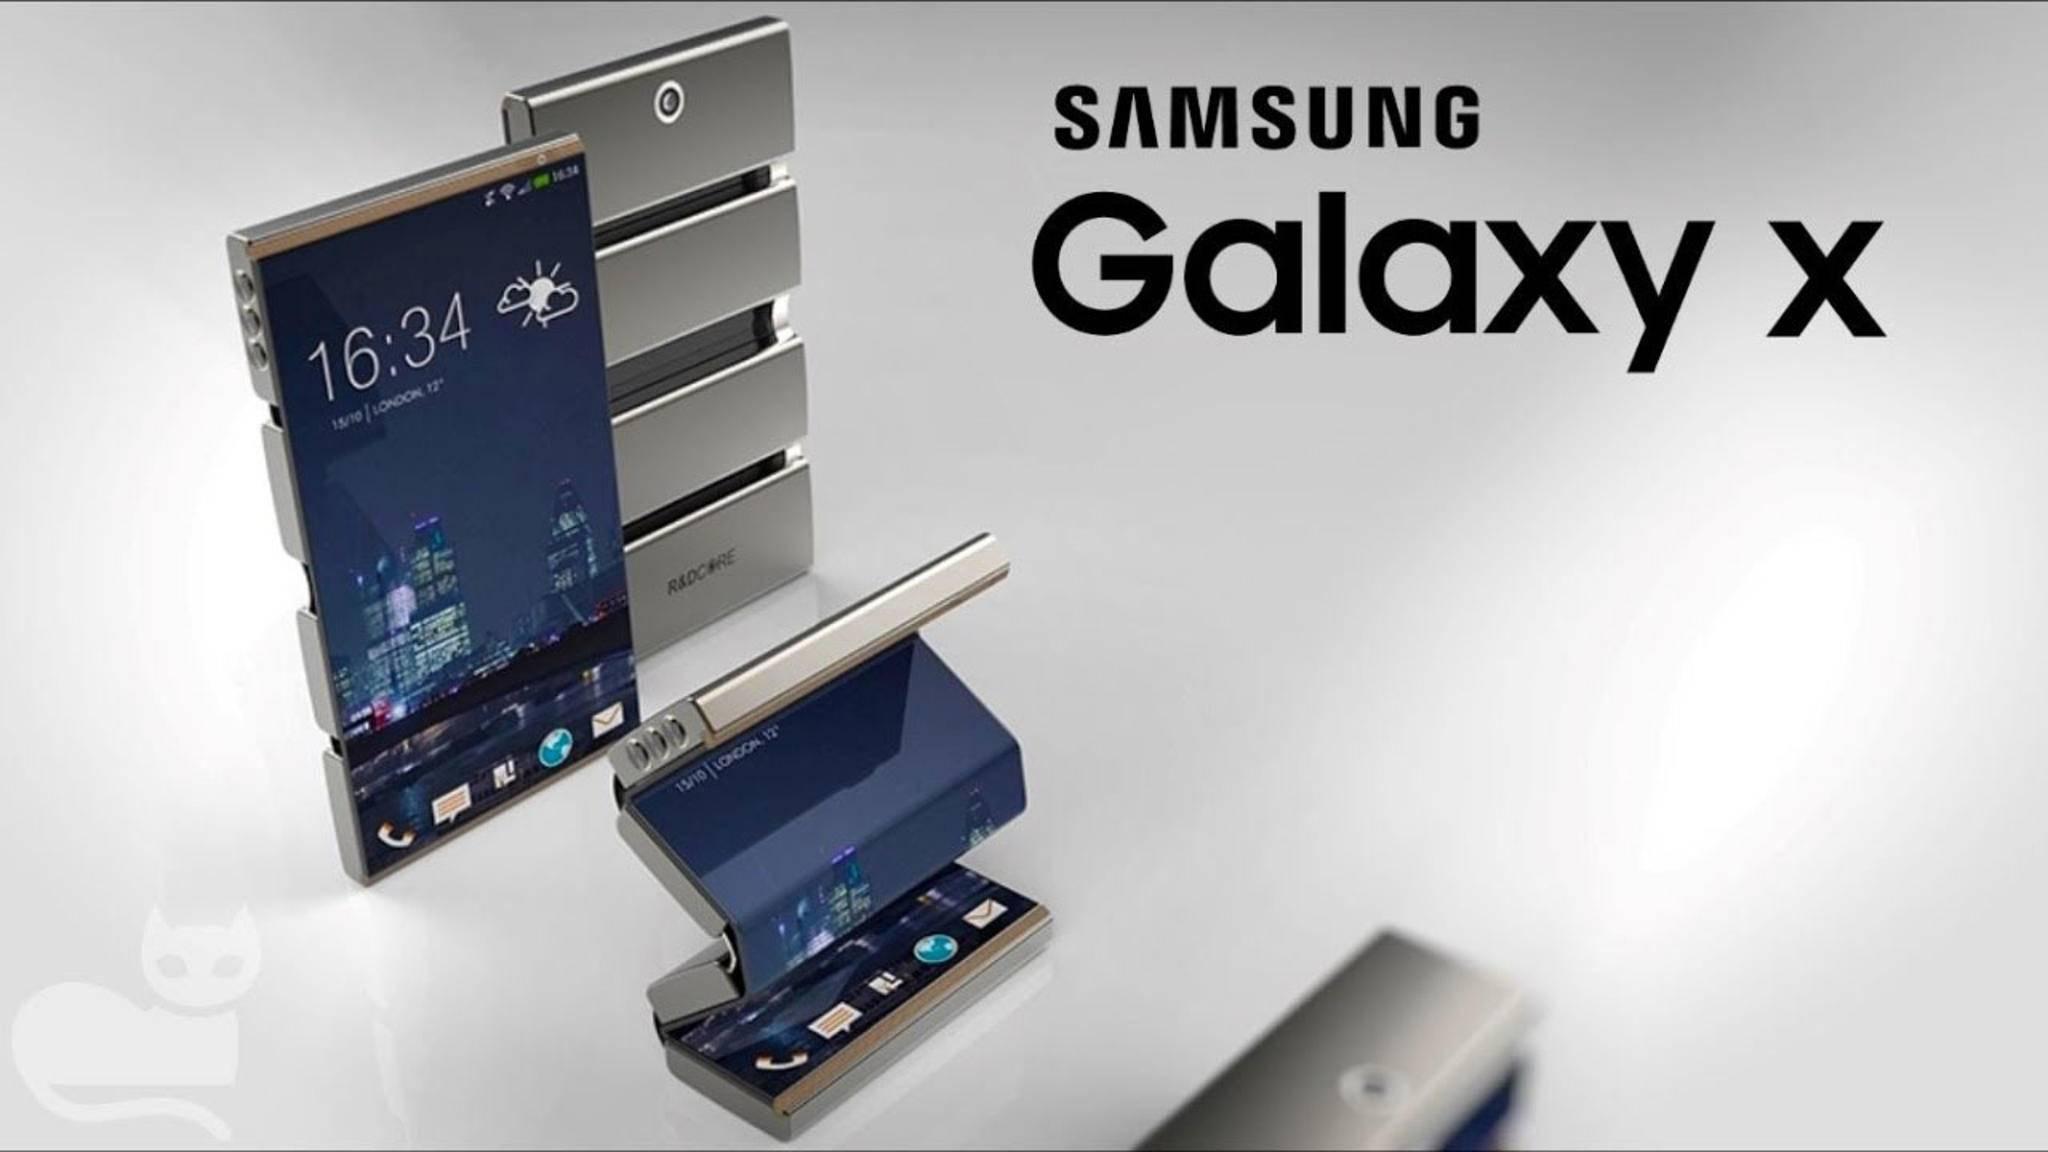 So stellen sich Konzeptdesigner das faltbare Smartphone Galaxy X vor.